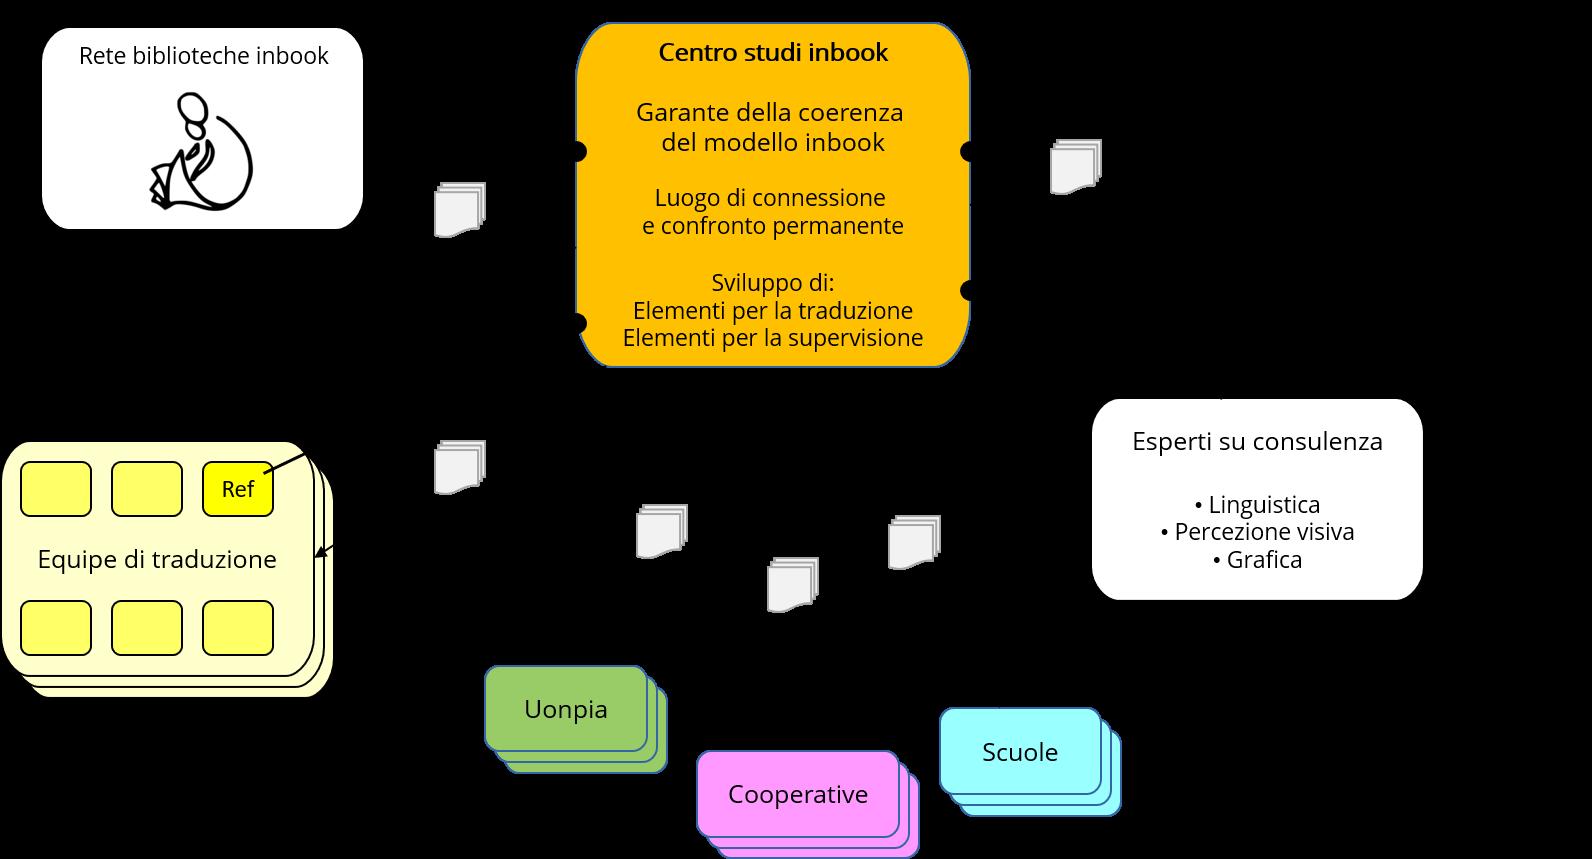 composizione centro studi inbook